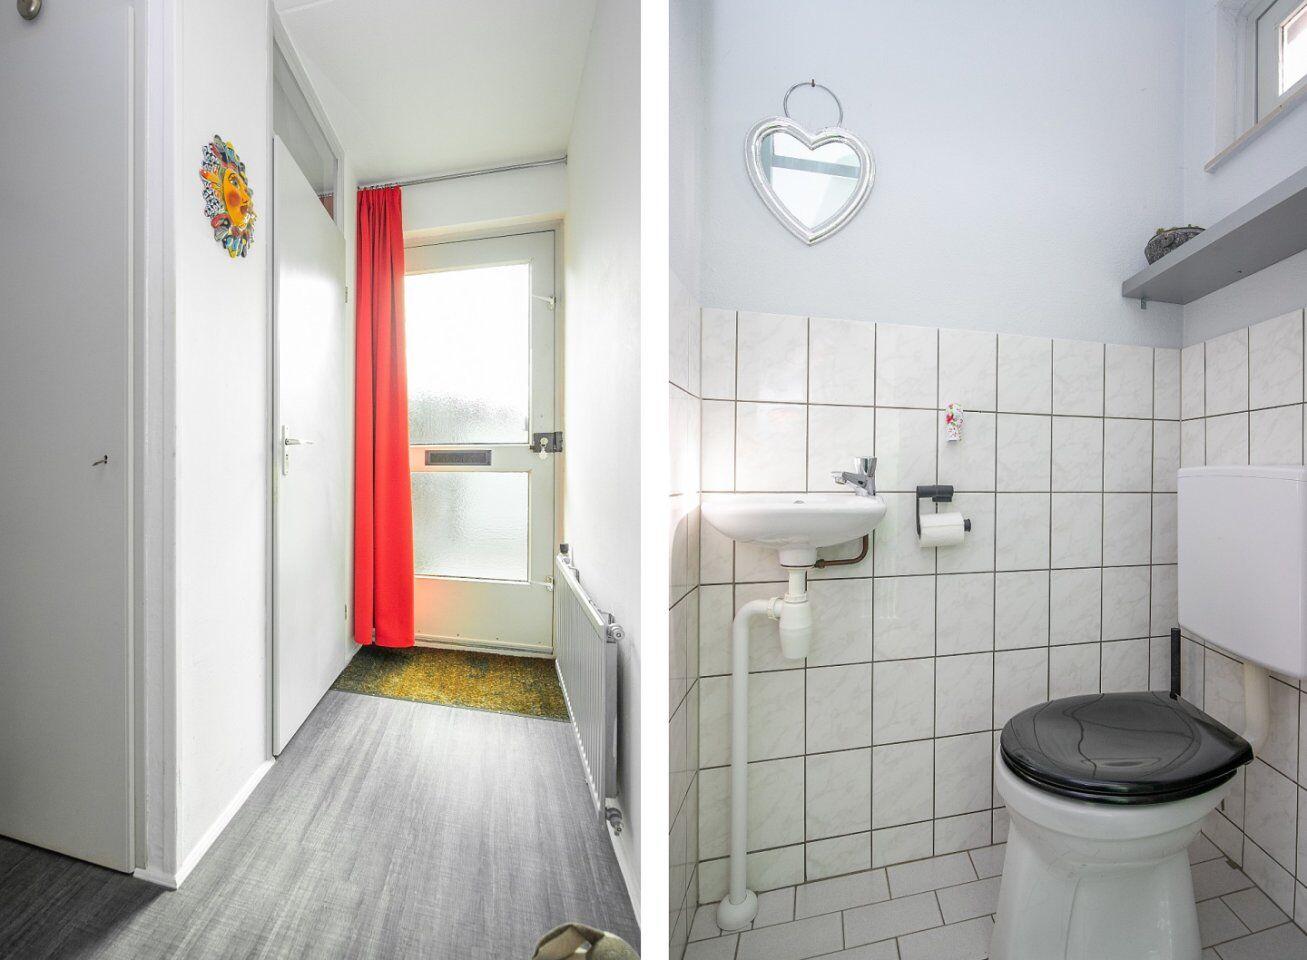 34632-de_laak_20-steenbergen-2050652753